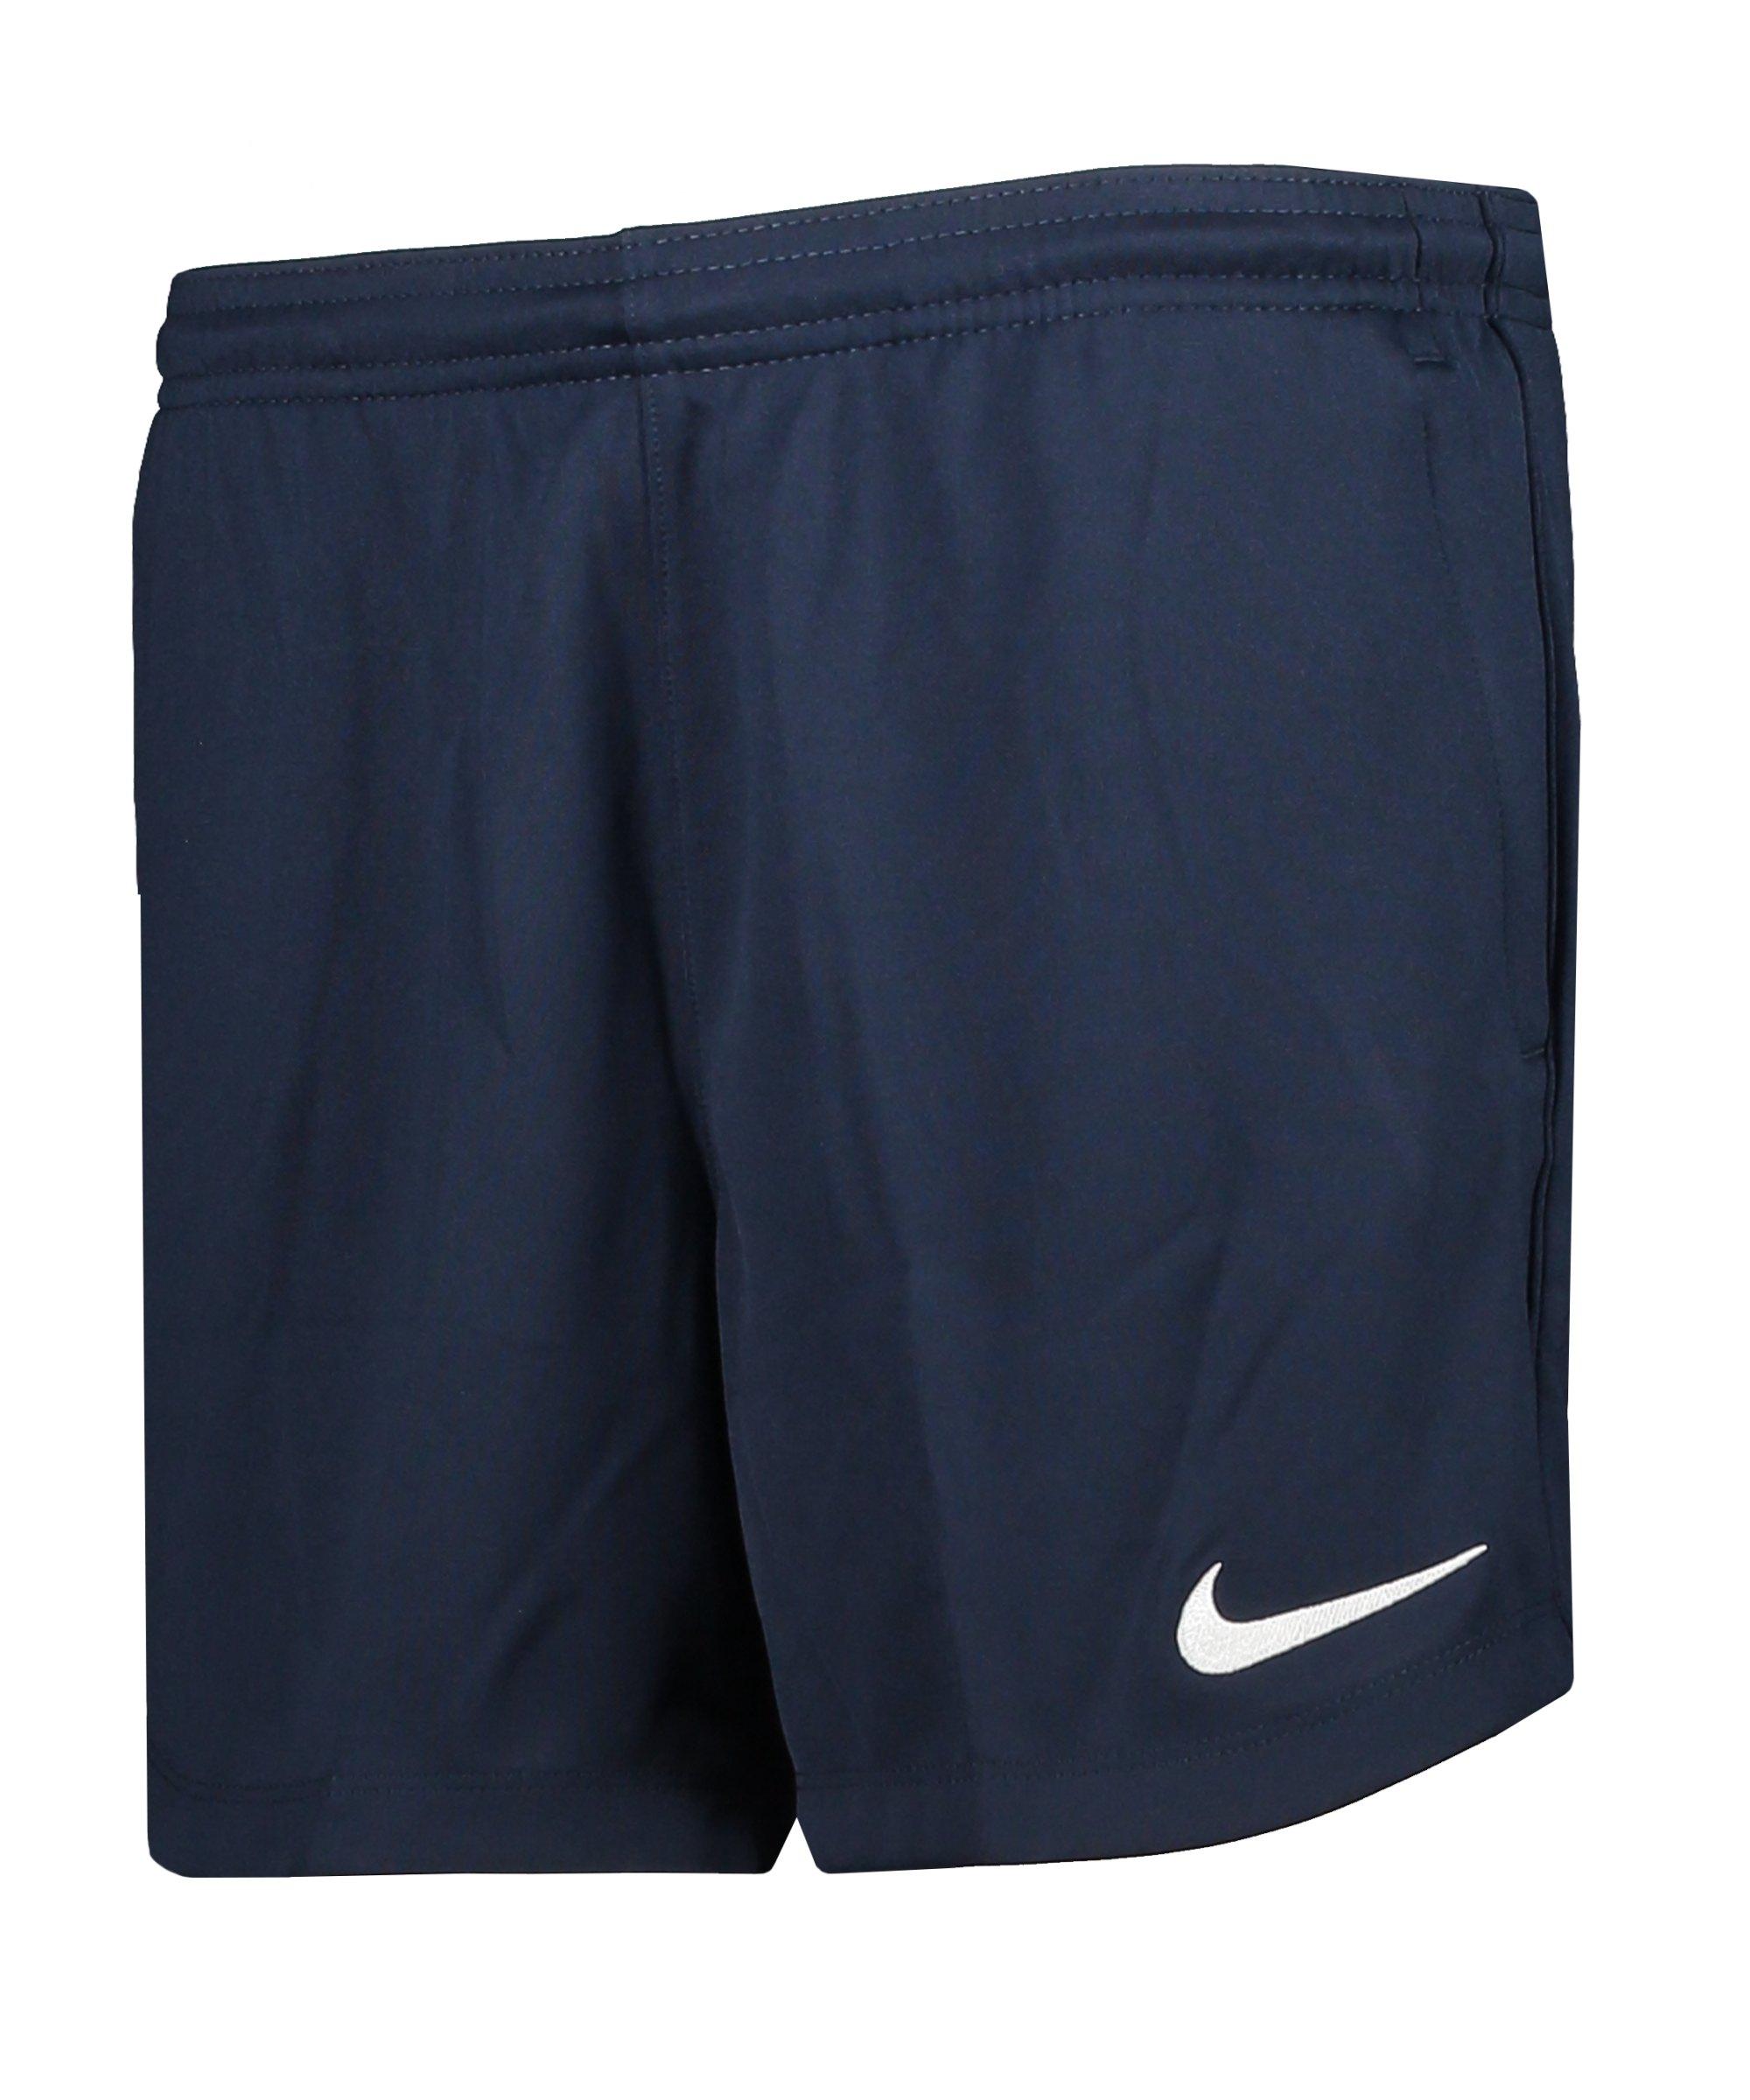 Nike Park 20 Knit Short Damen Blau Weiss F451 - blau